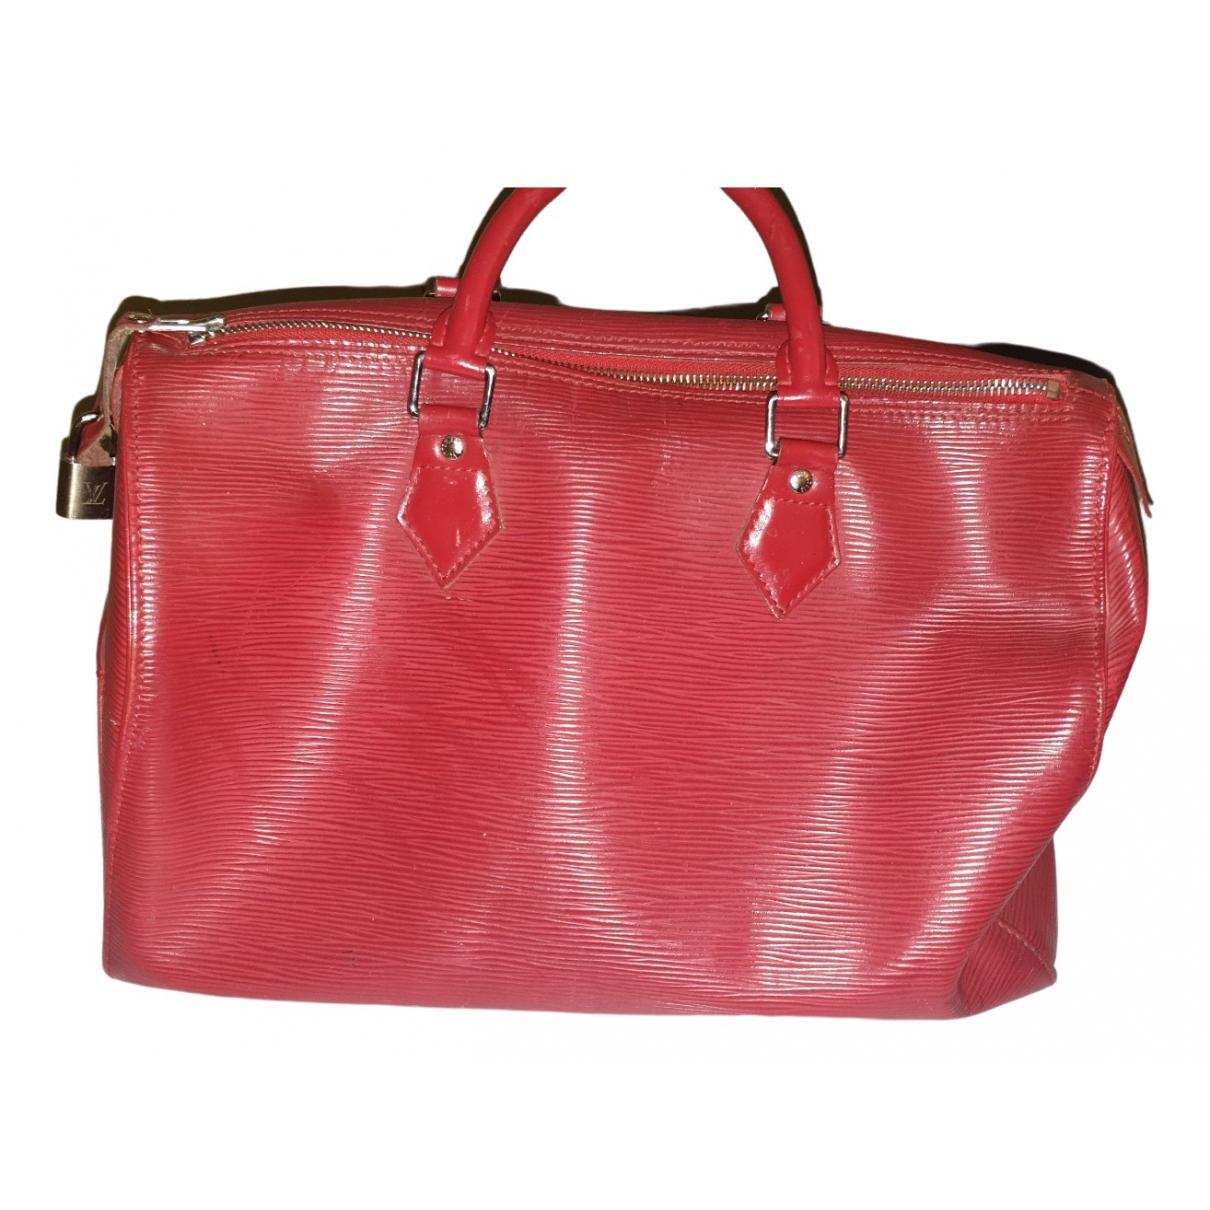 Louis Vuitton - Sac a main Speedy pour femme en cuir - rouge